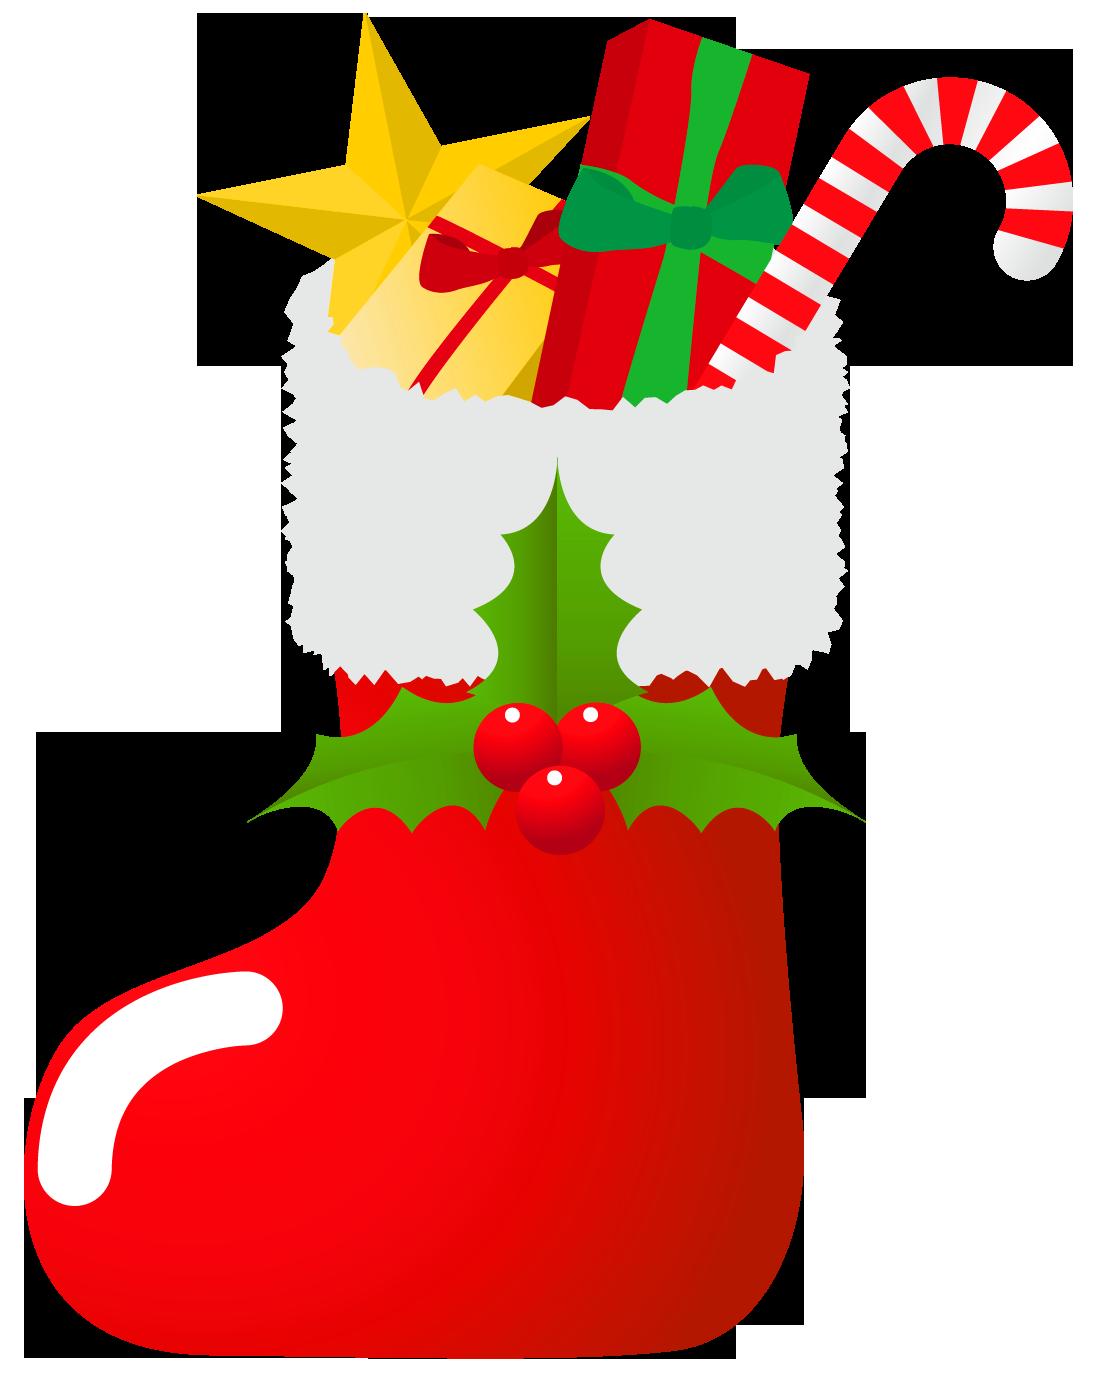 サンタクロースの長靴にお菓子がいっぱい